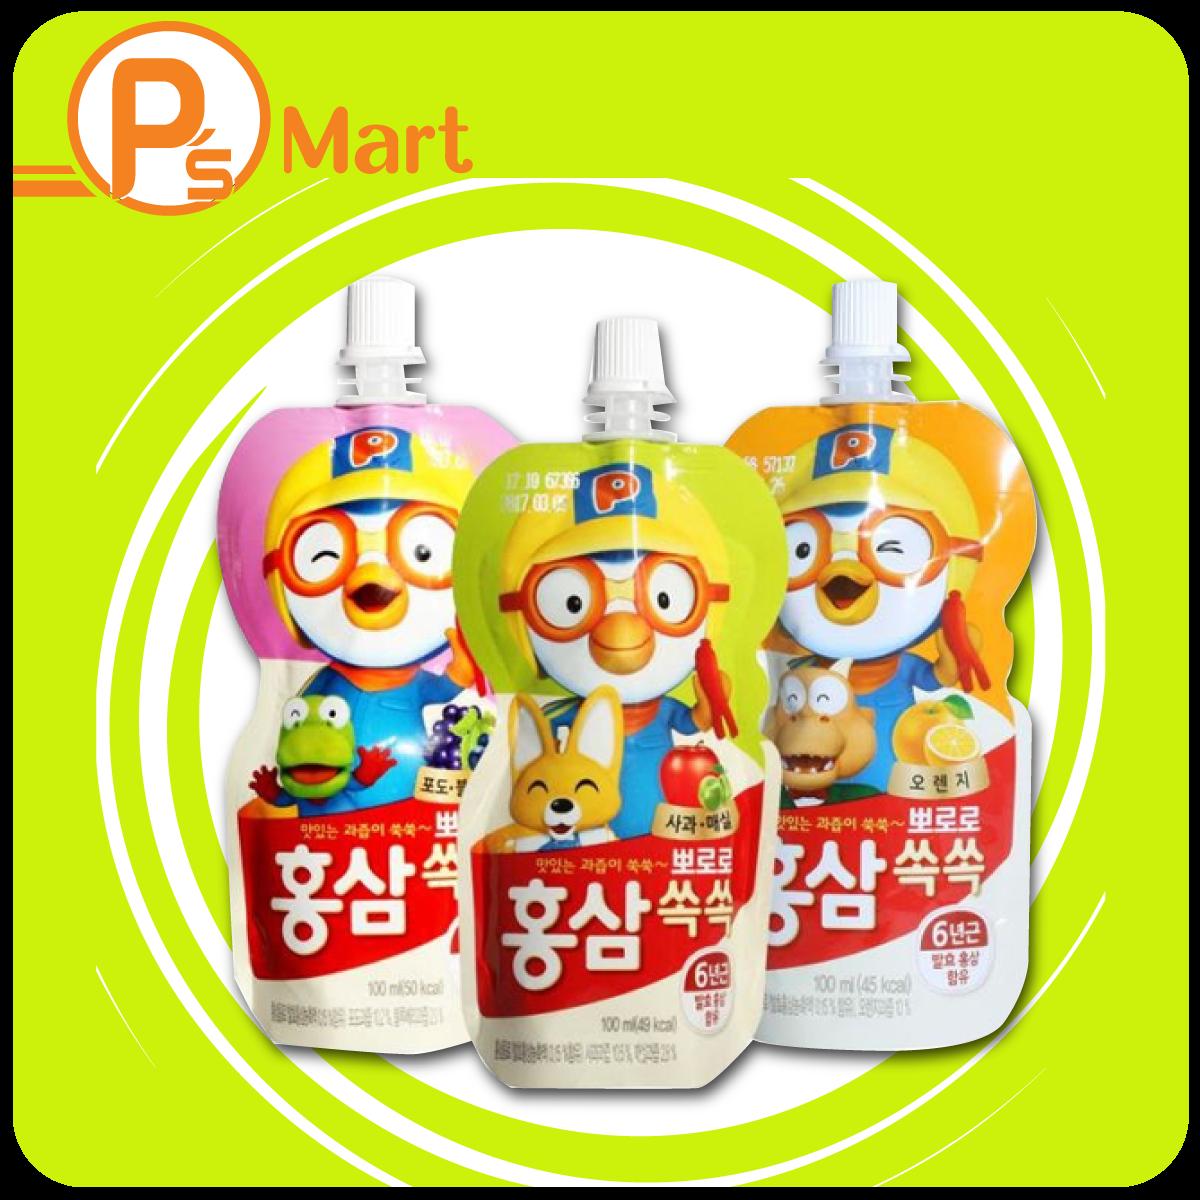 Túi nước hồng sâm trái cây Paldo Pororo Hàn quốc 100ml